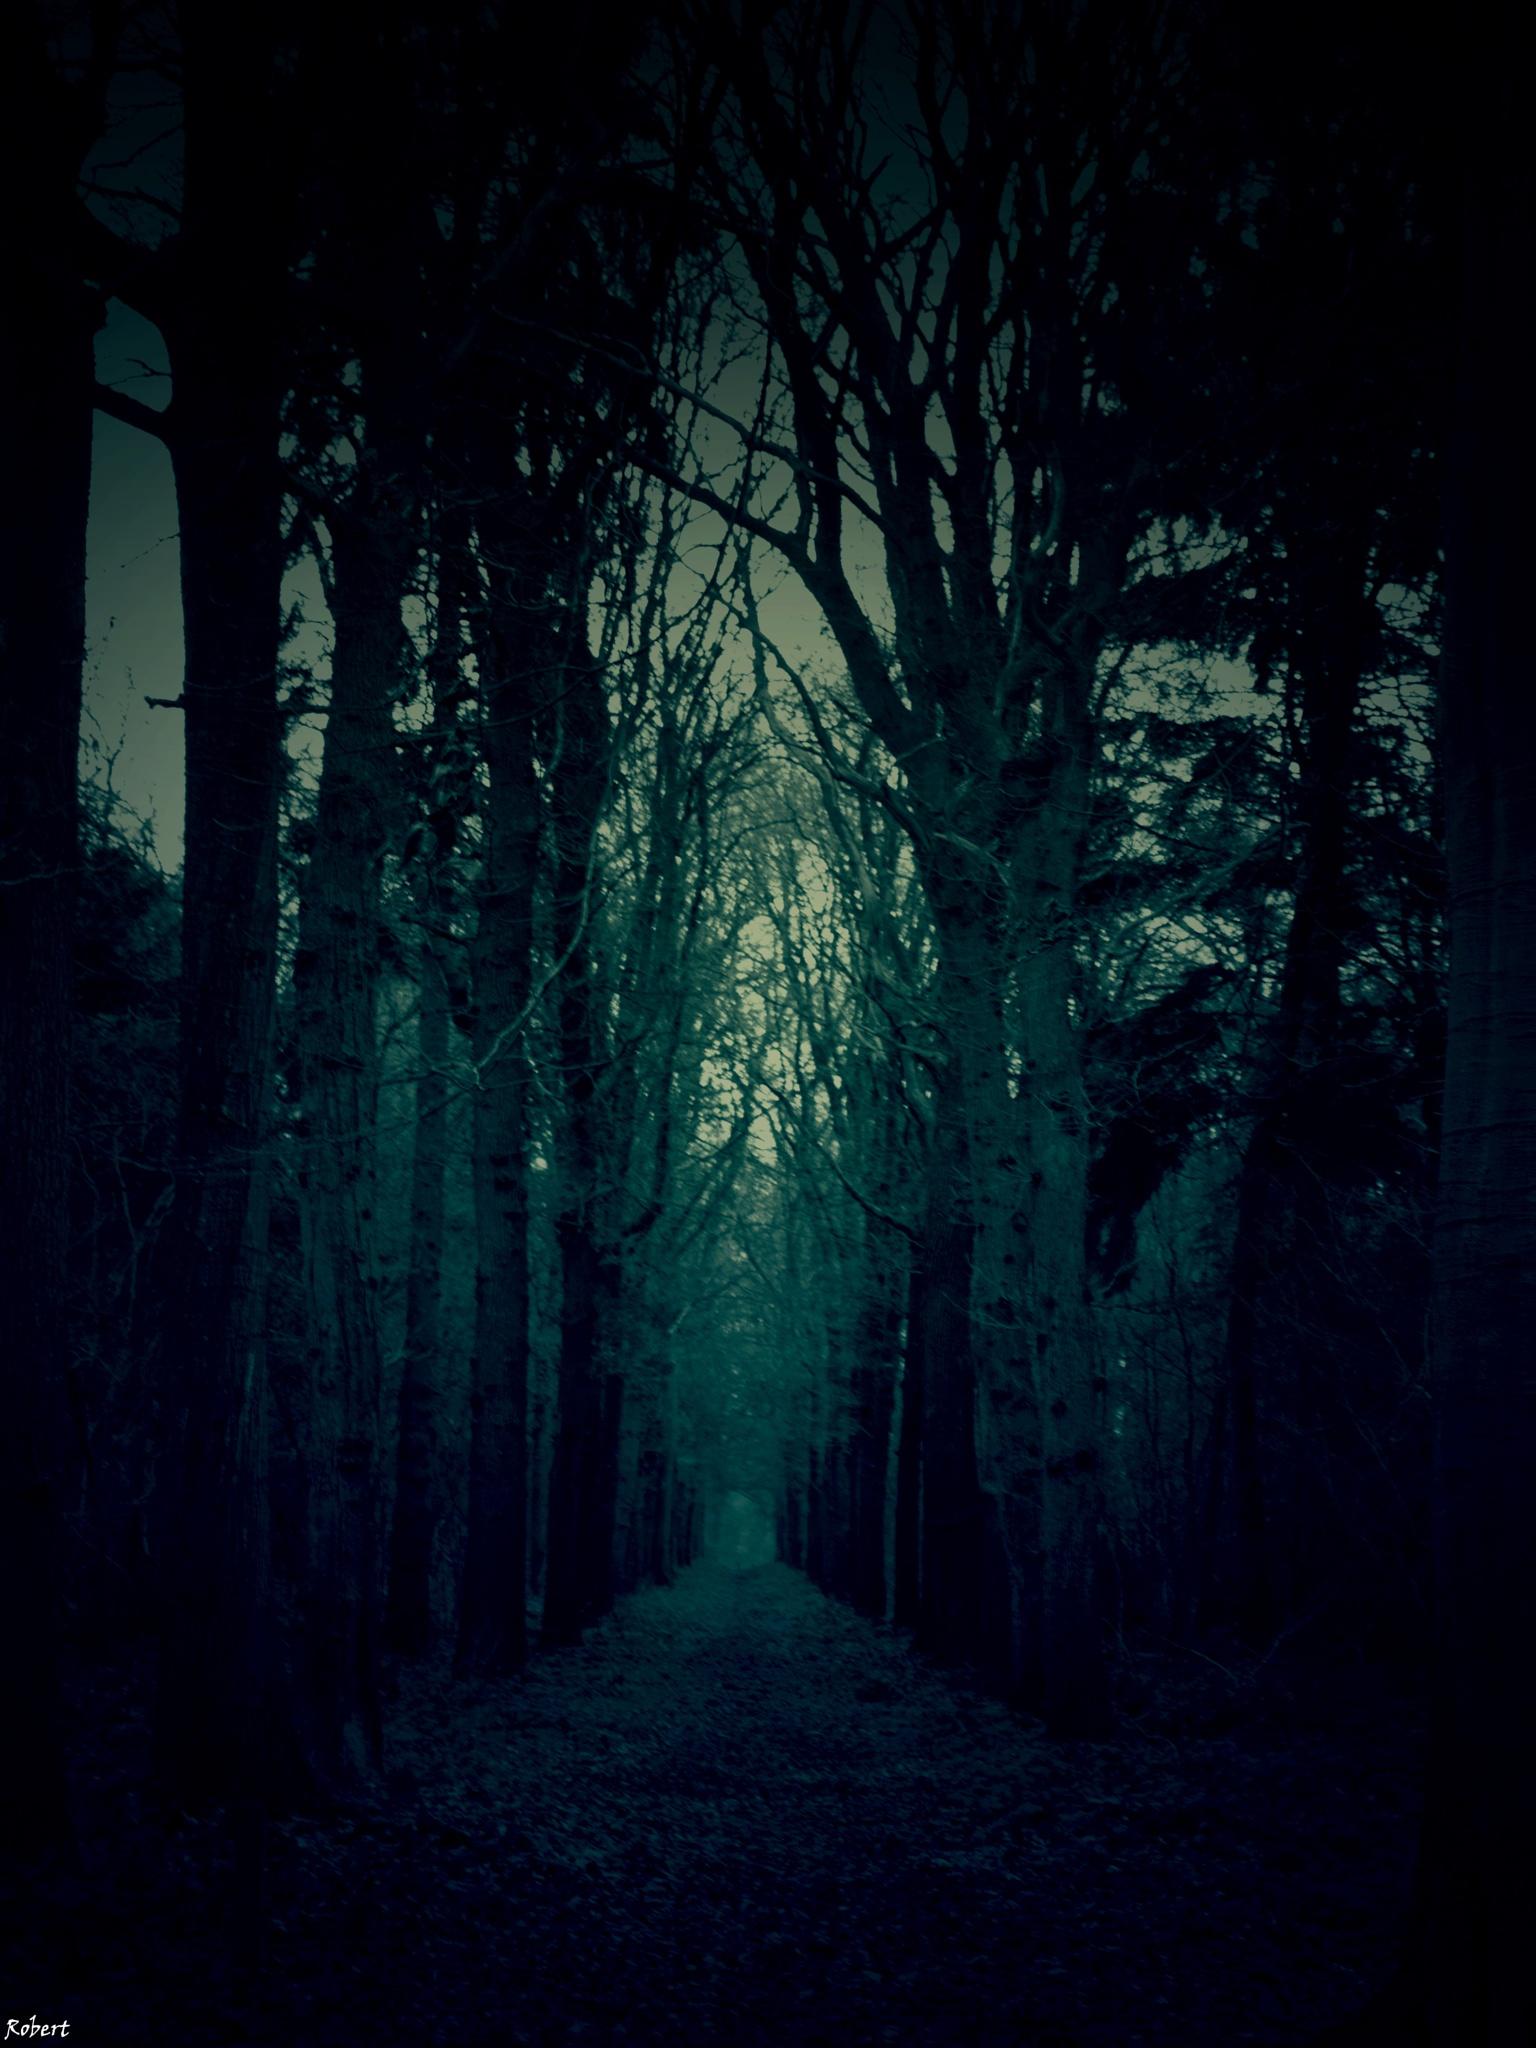 Nightmare.... by Robert